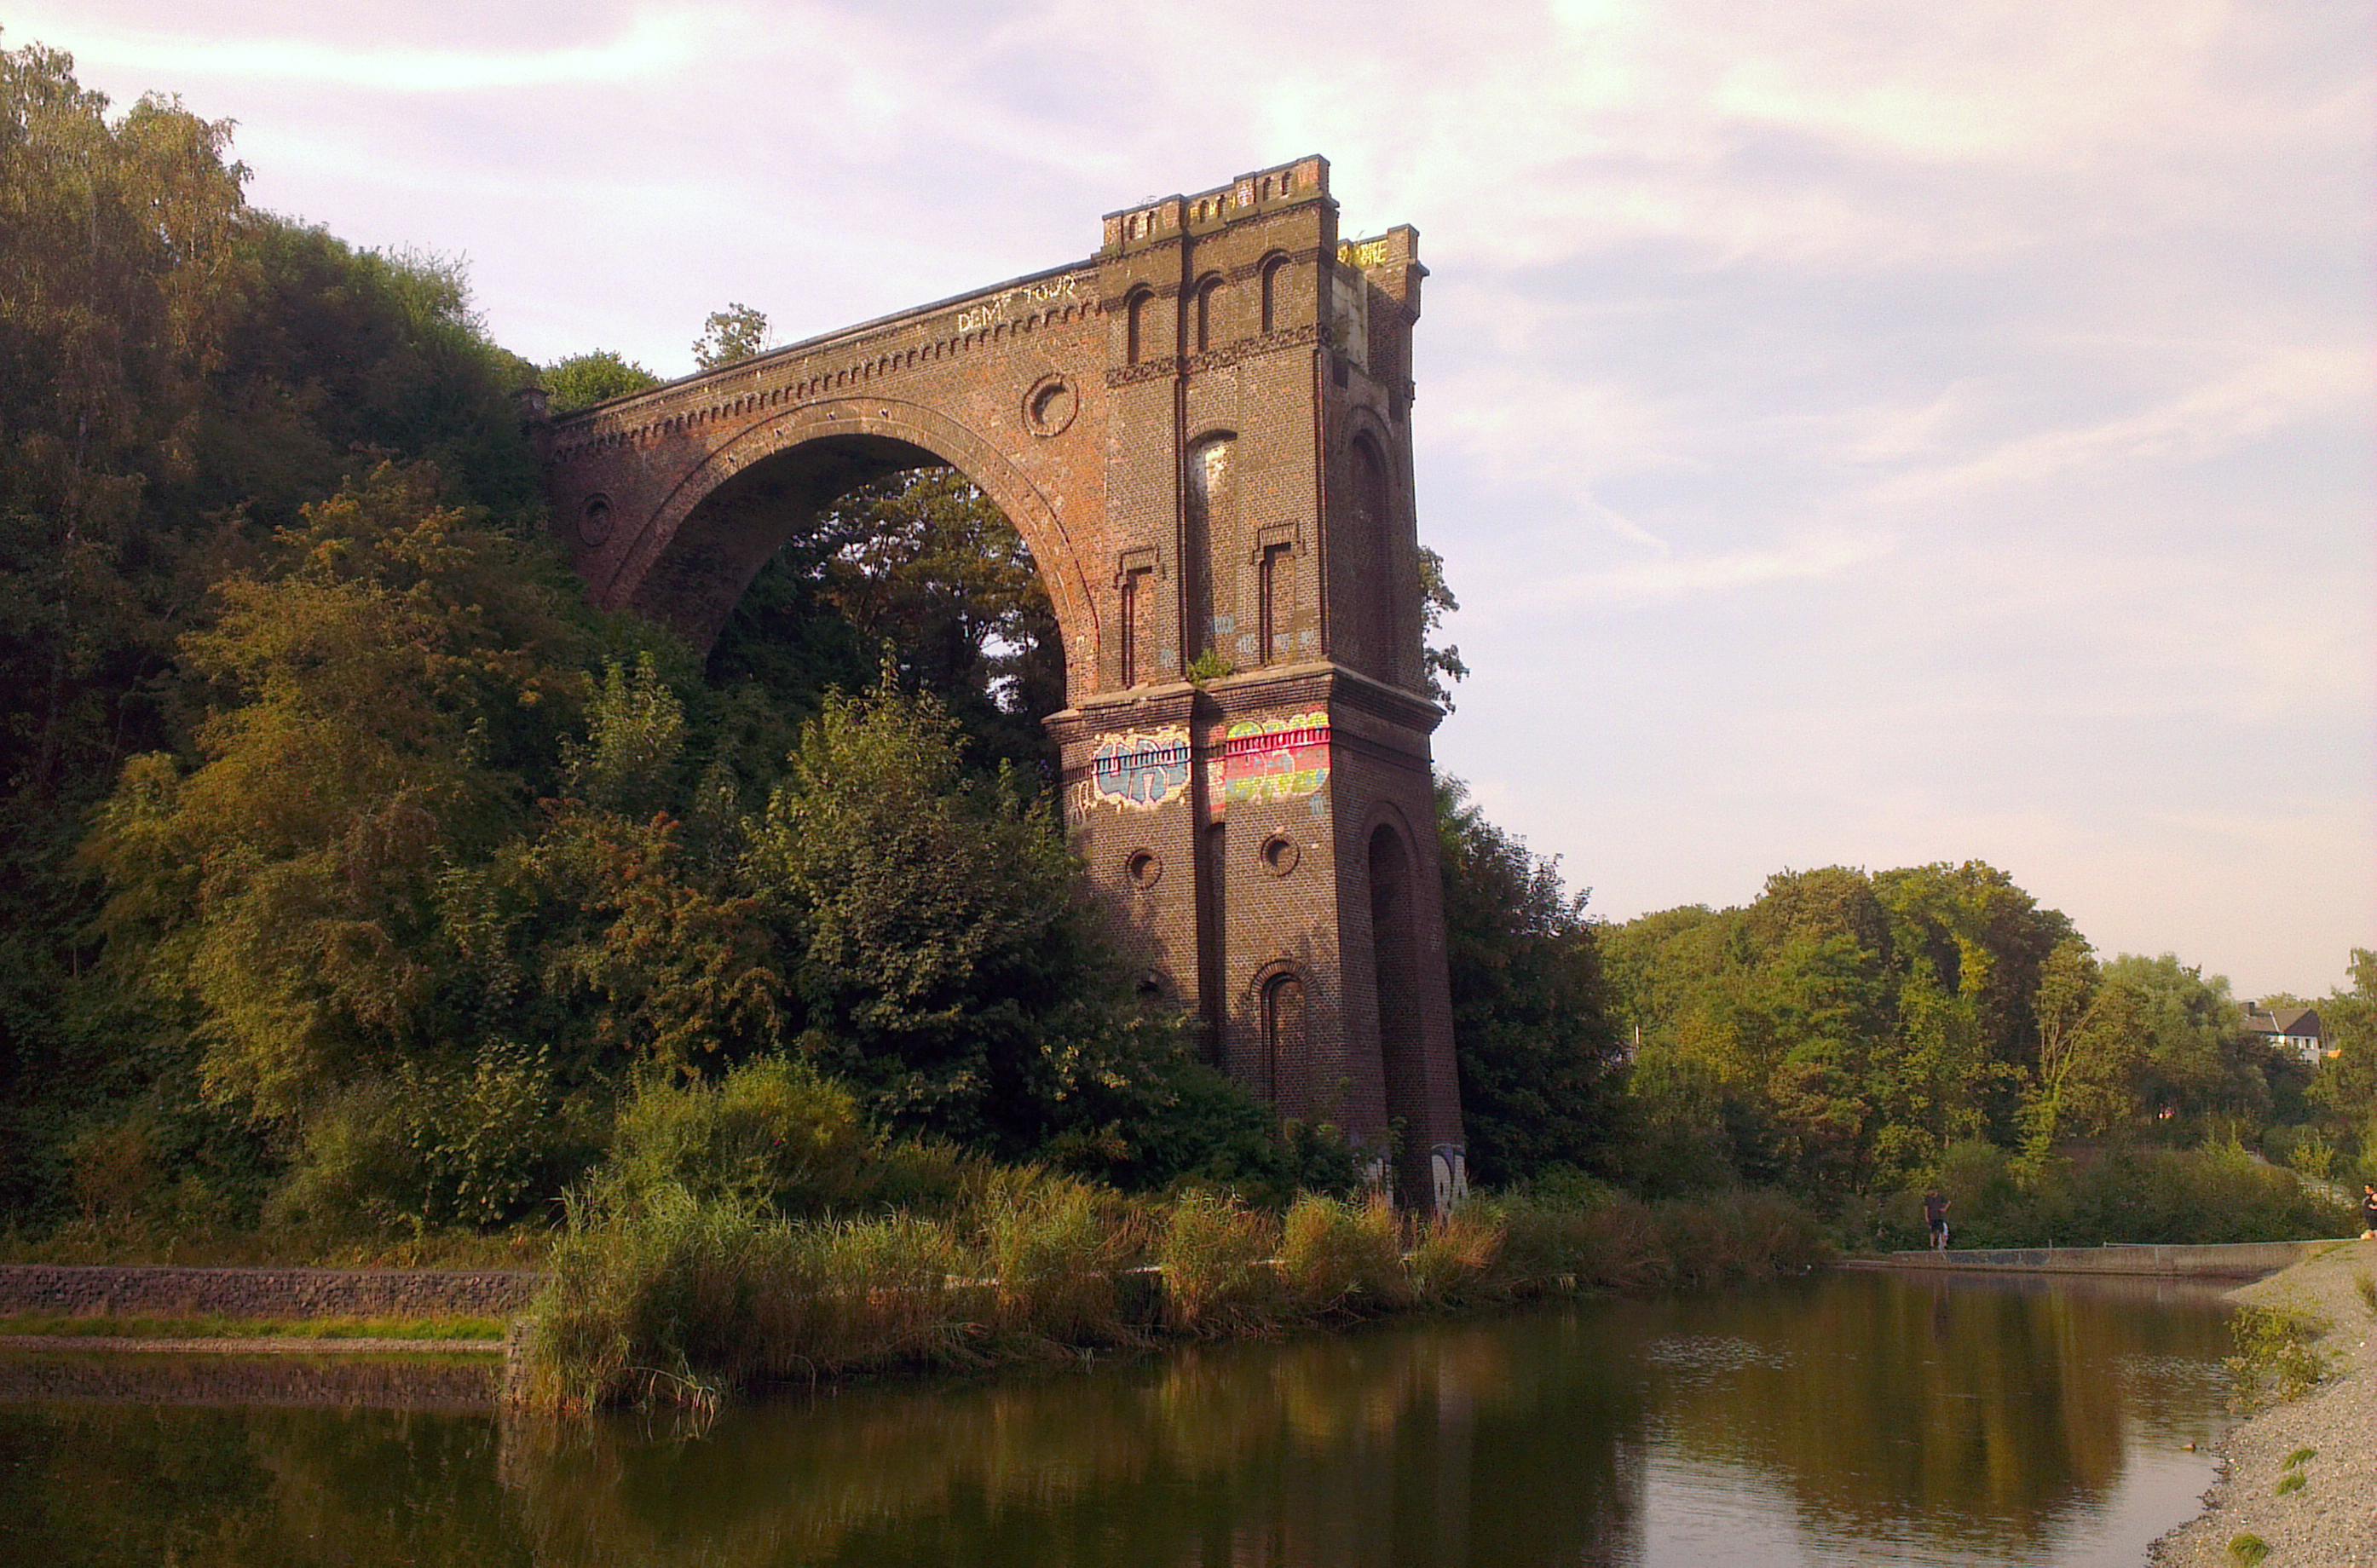 Viaduct Dortmund by Ludwig1920